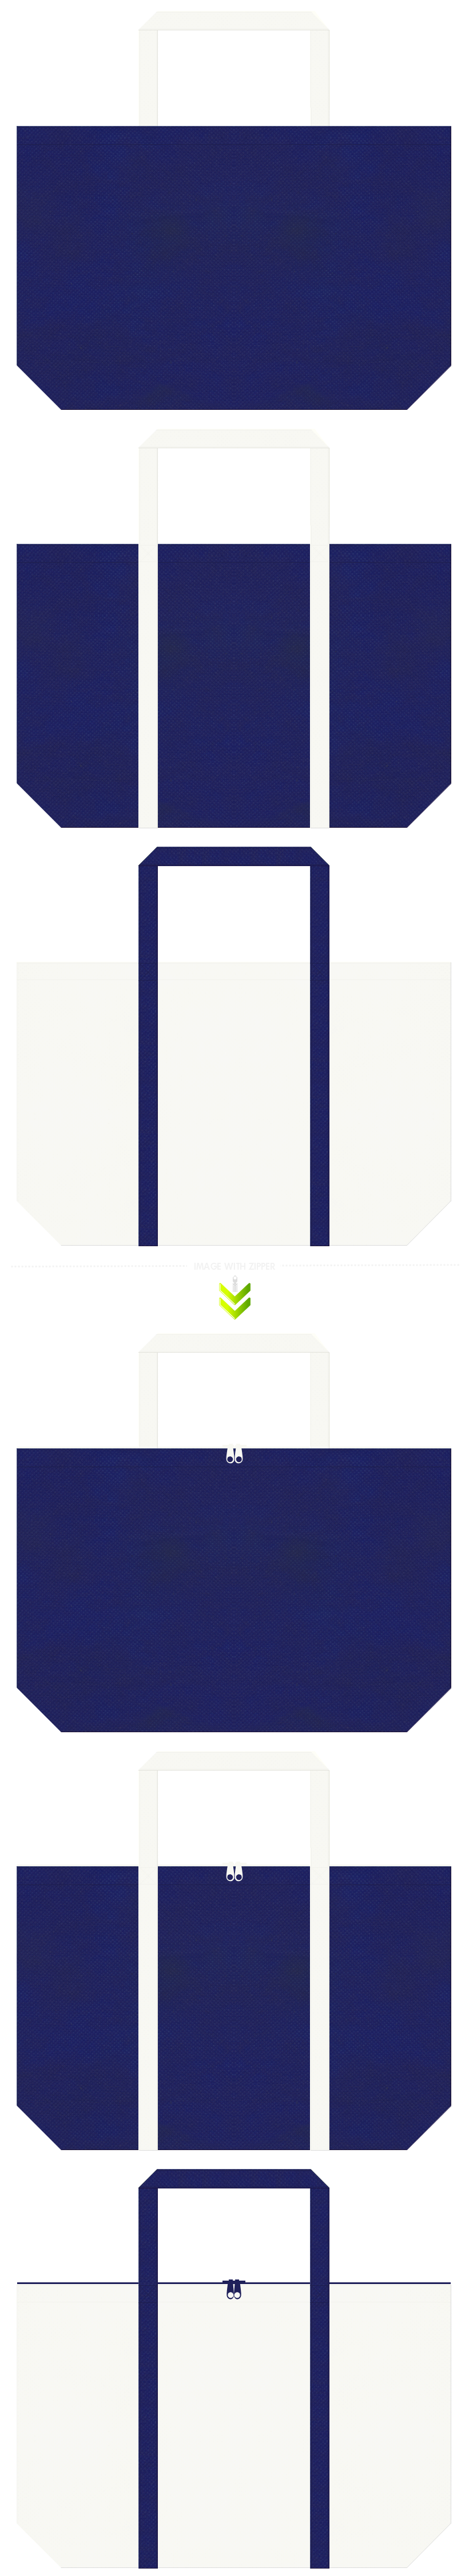 明るい紺色とオフホワイト色の不織布エコバッグのデザイン。ボート・ヨット・天体観測・星空イベントにお奨めの配色です。